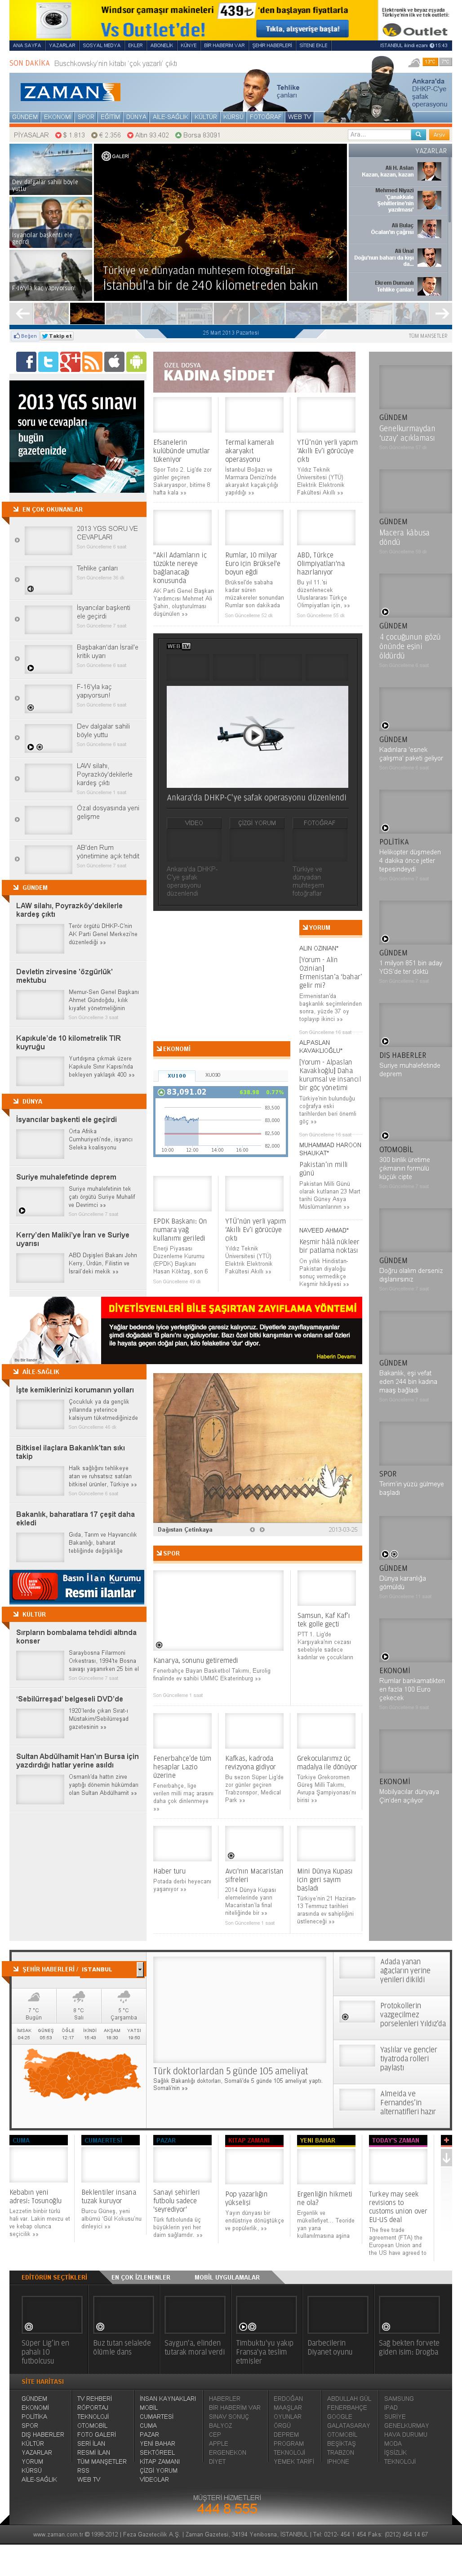 Zaman Online at Monday March 25, 2013, 11:52 a.m. UTC